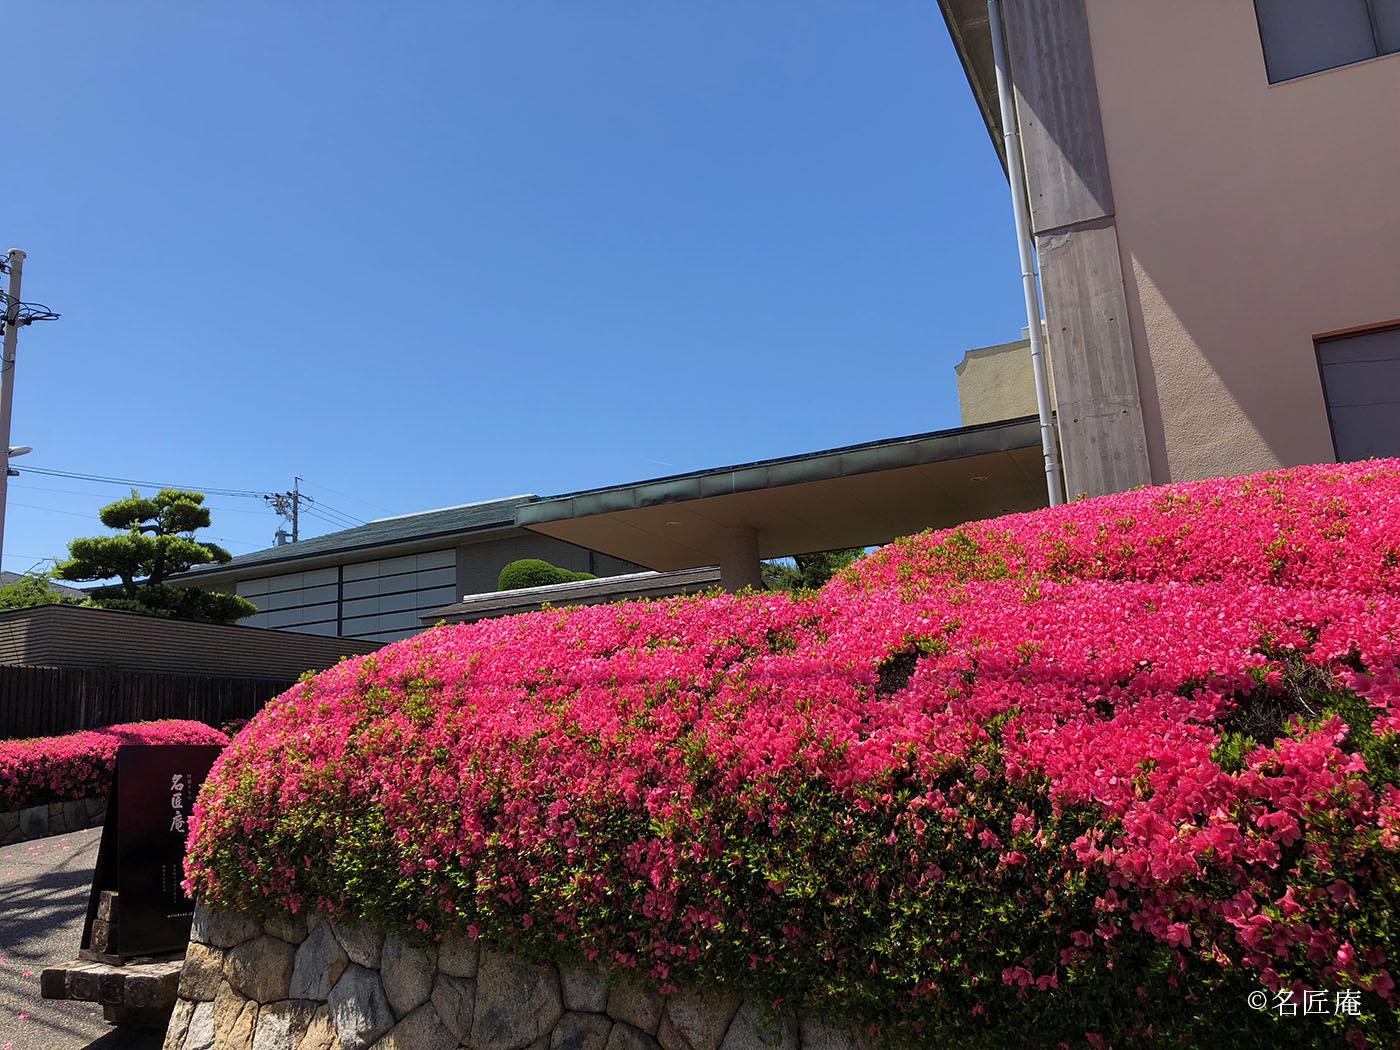 名匠庵のサツキの花